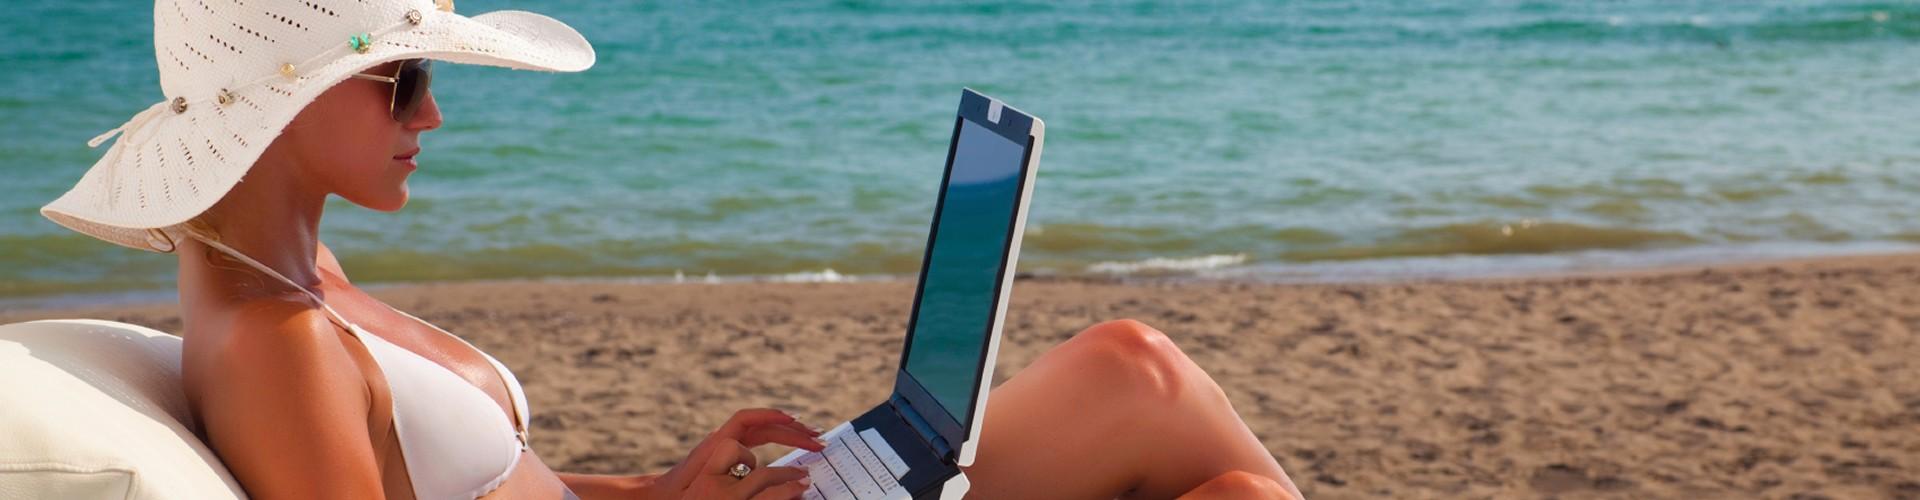 Mein Urlaub am Meer